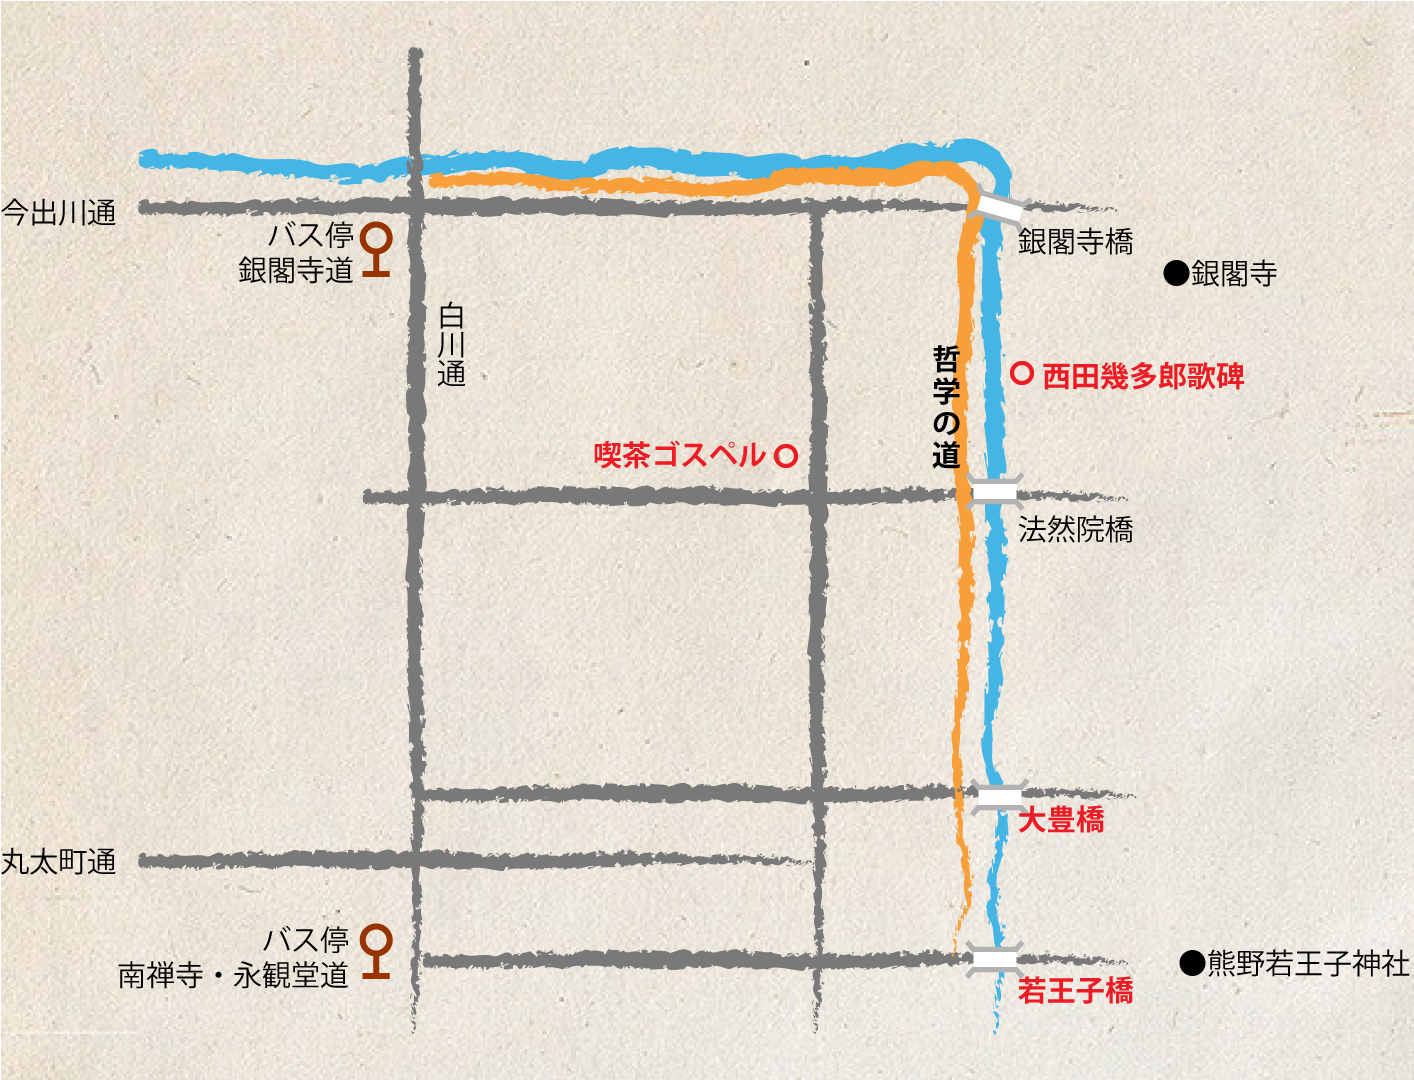 哲学の道周辺マップ。